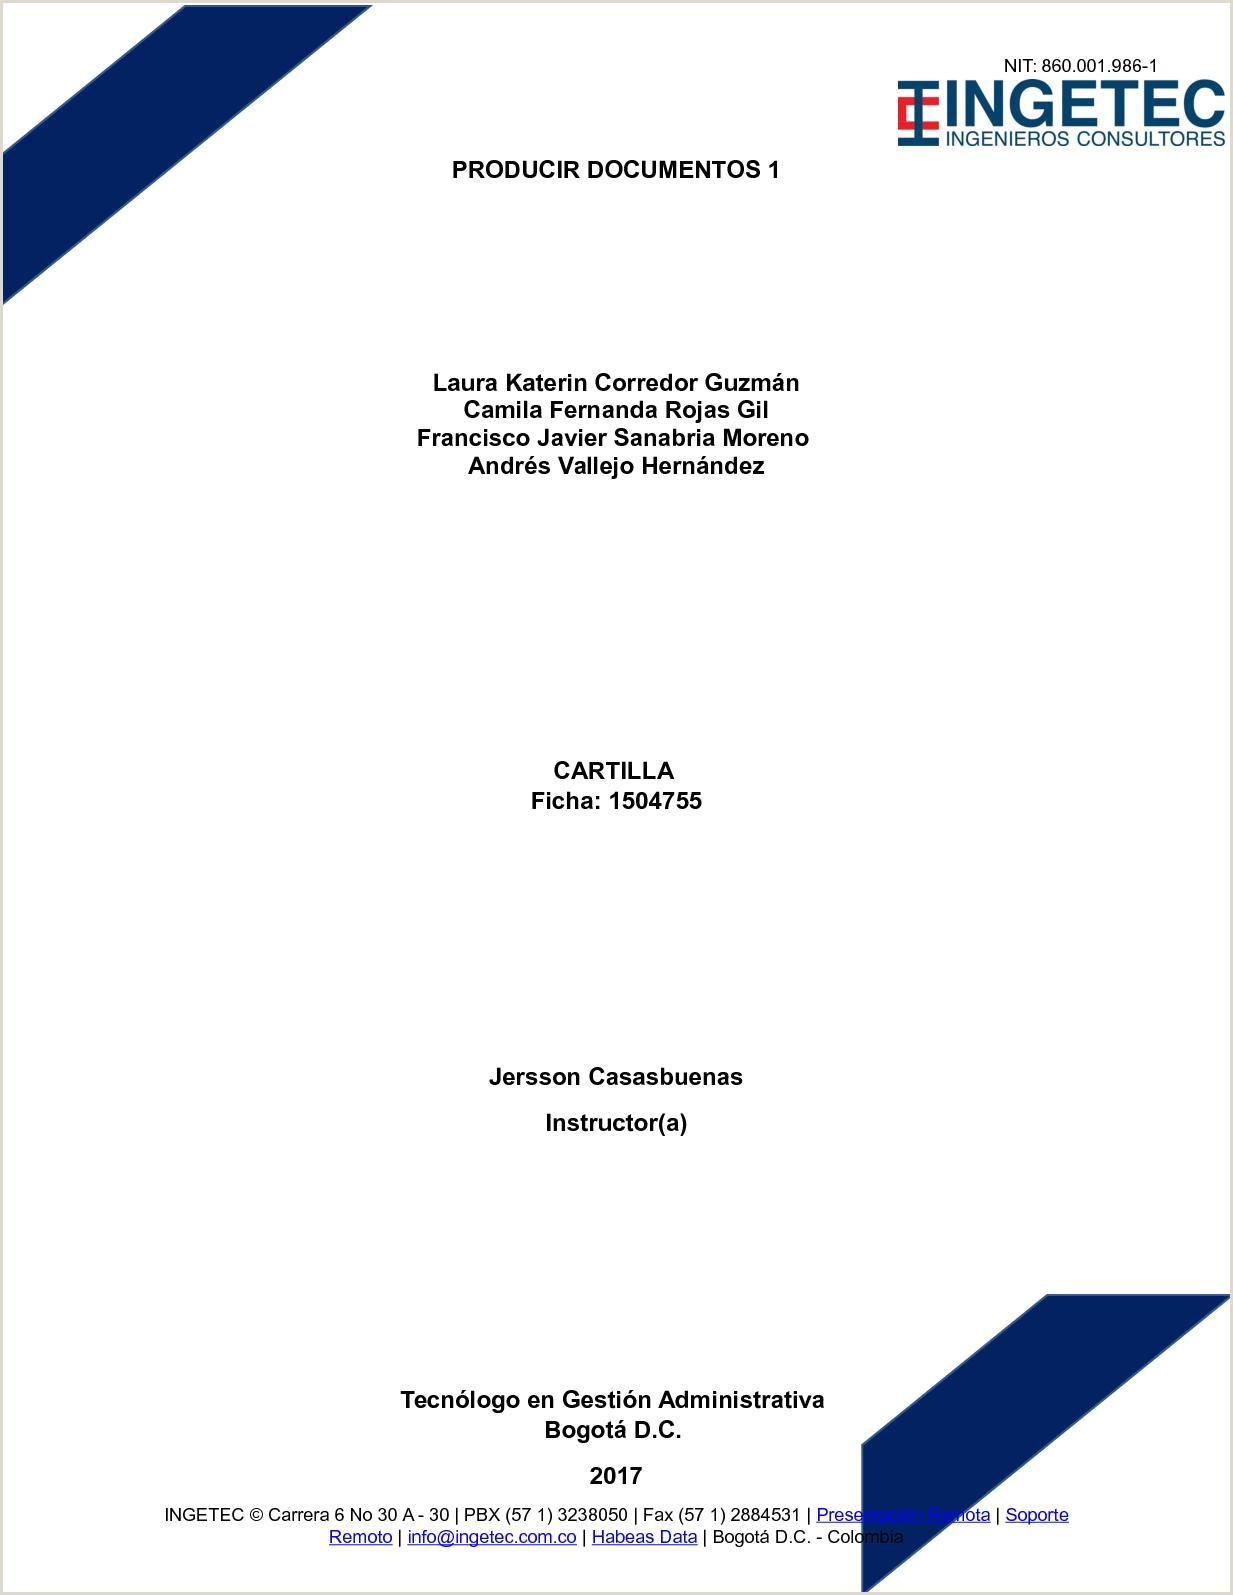 Calaméo Cartilla Producir Documentos